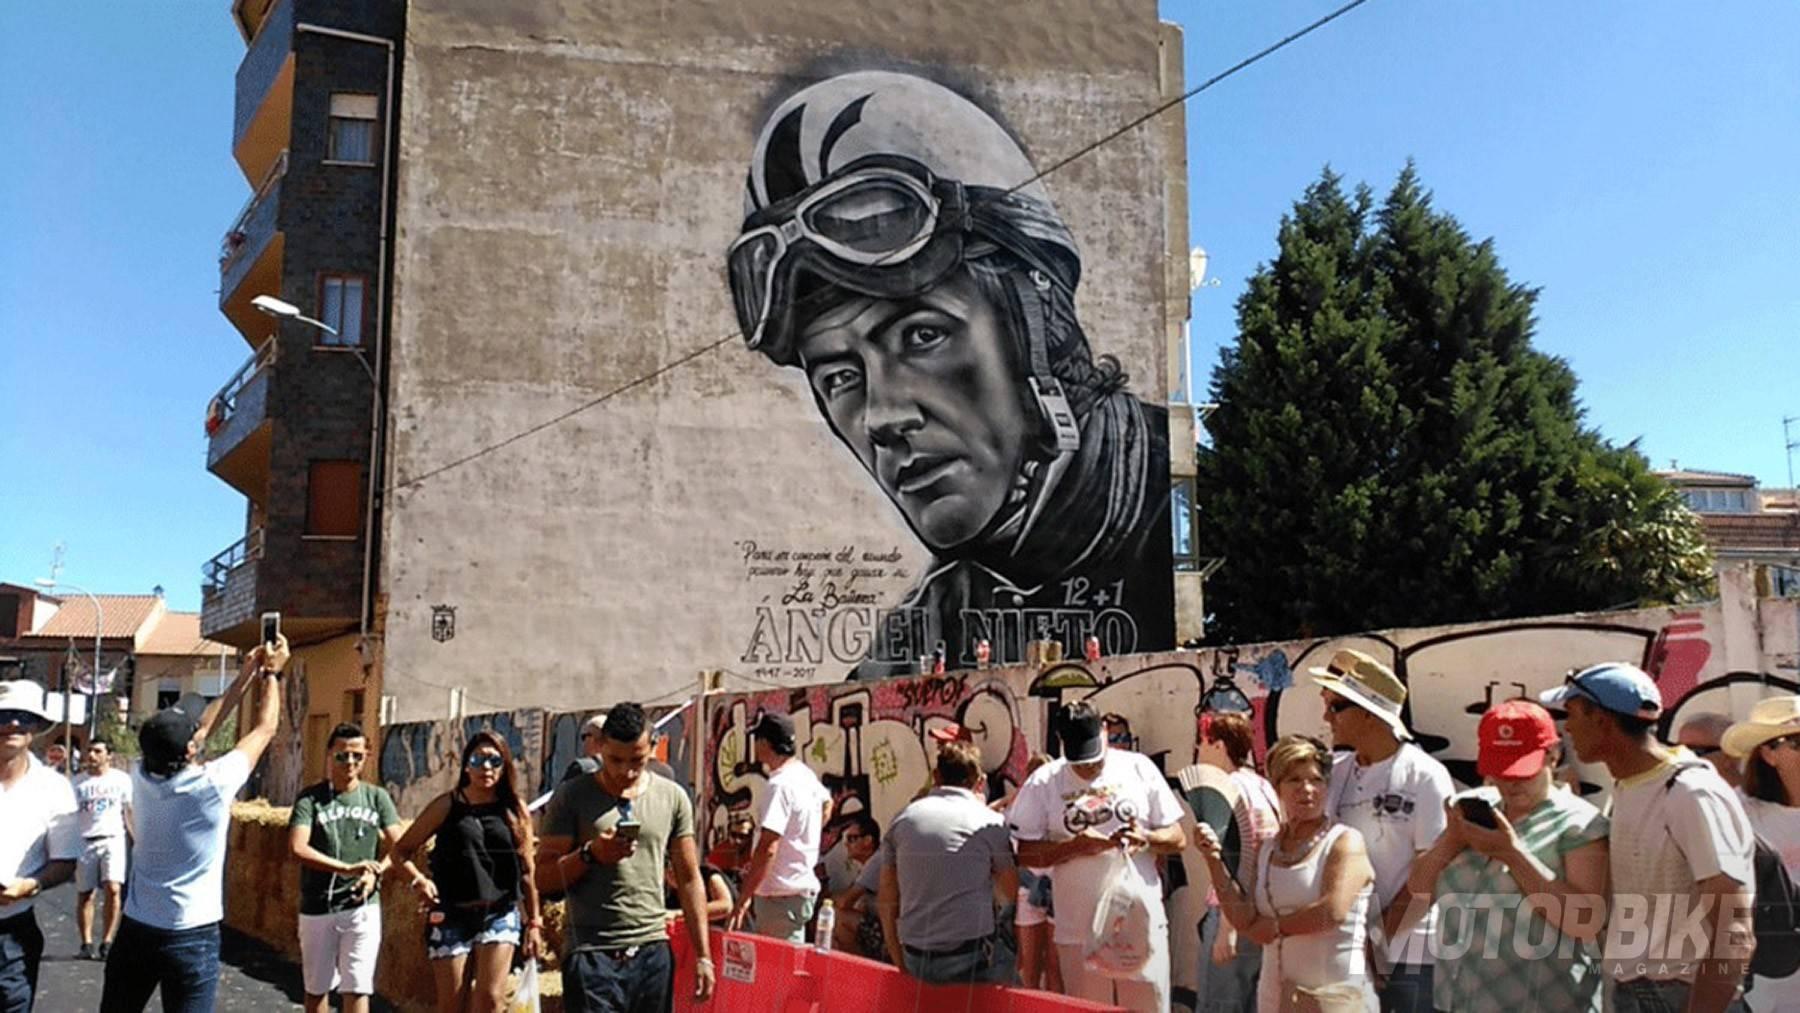 Circuito Urbano La Bañeza : Emotivo homenaje a Ángel nieto en la bañeza motorbike magazine